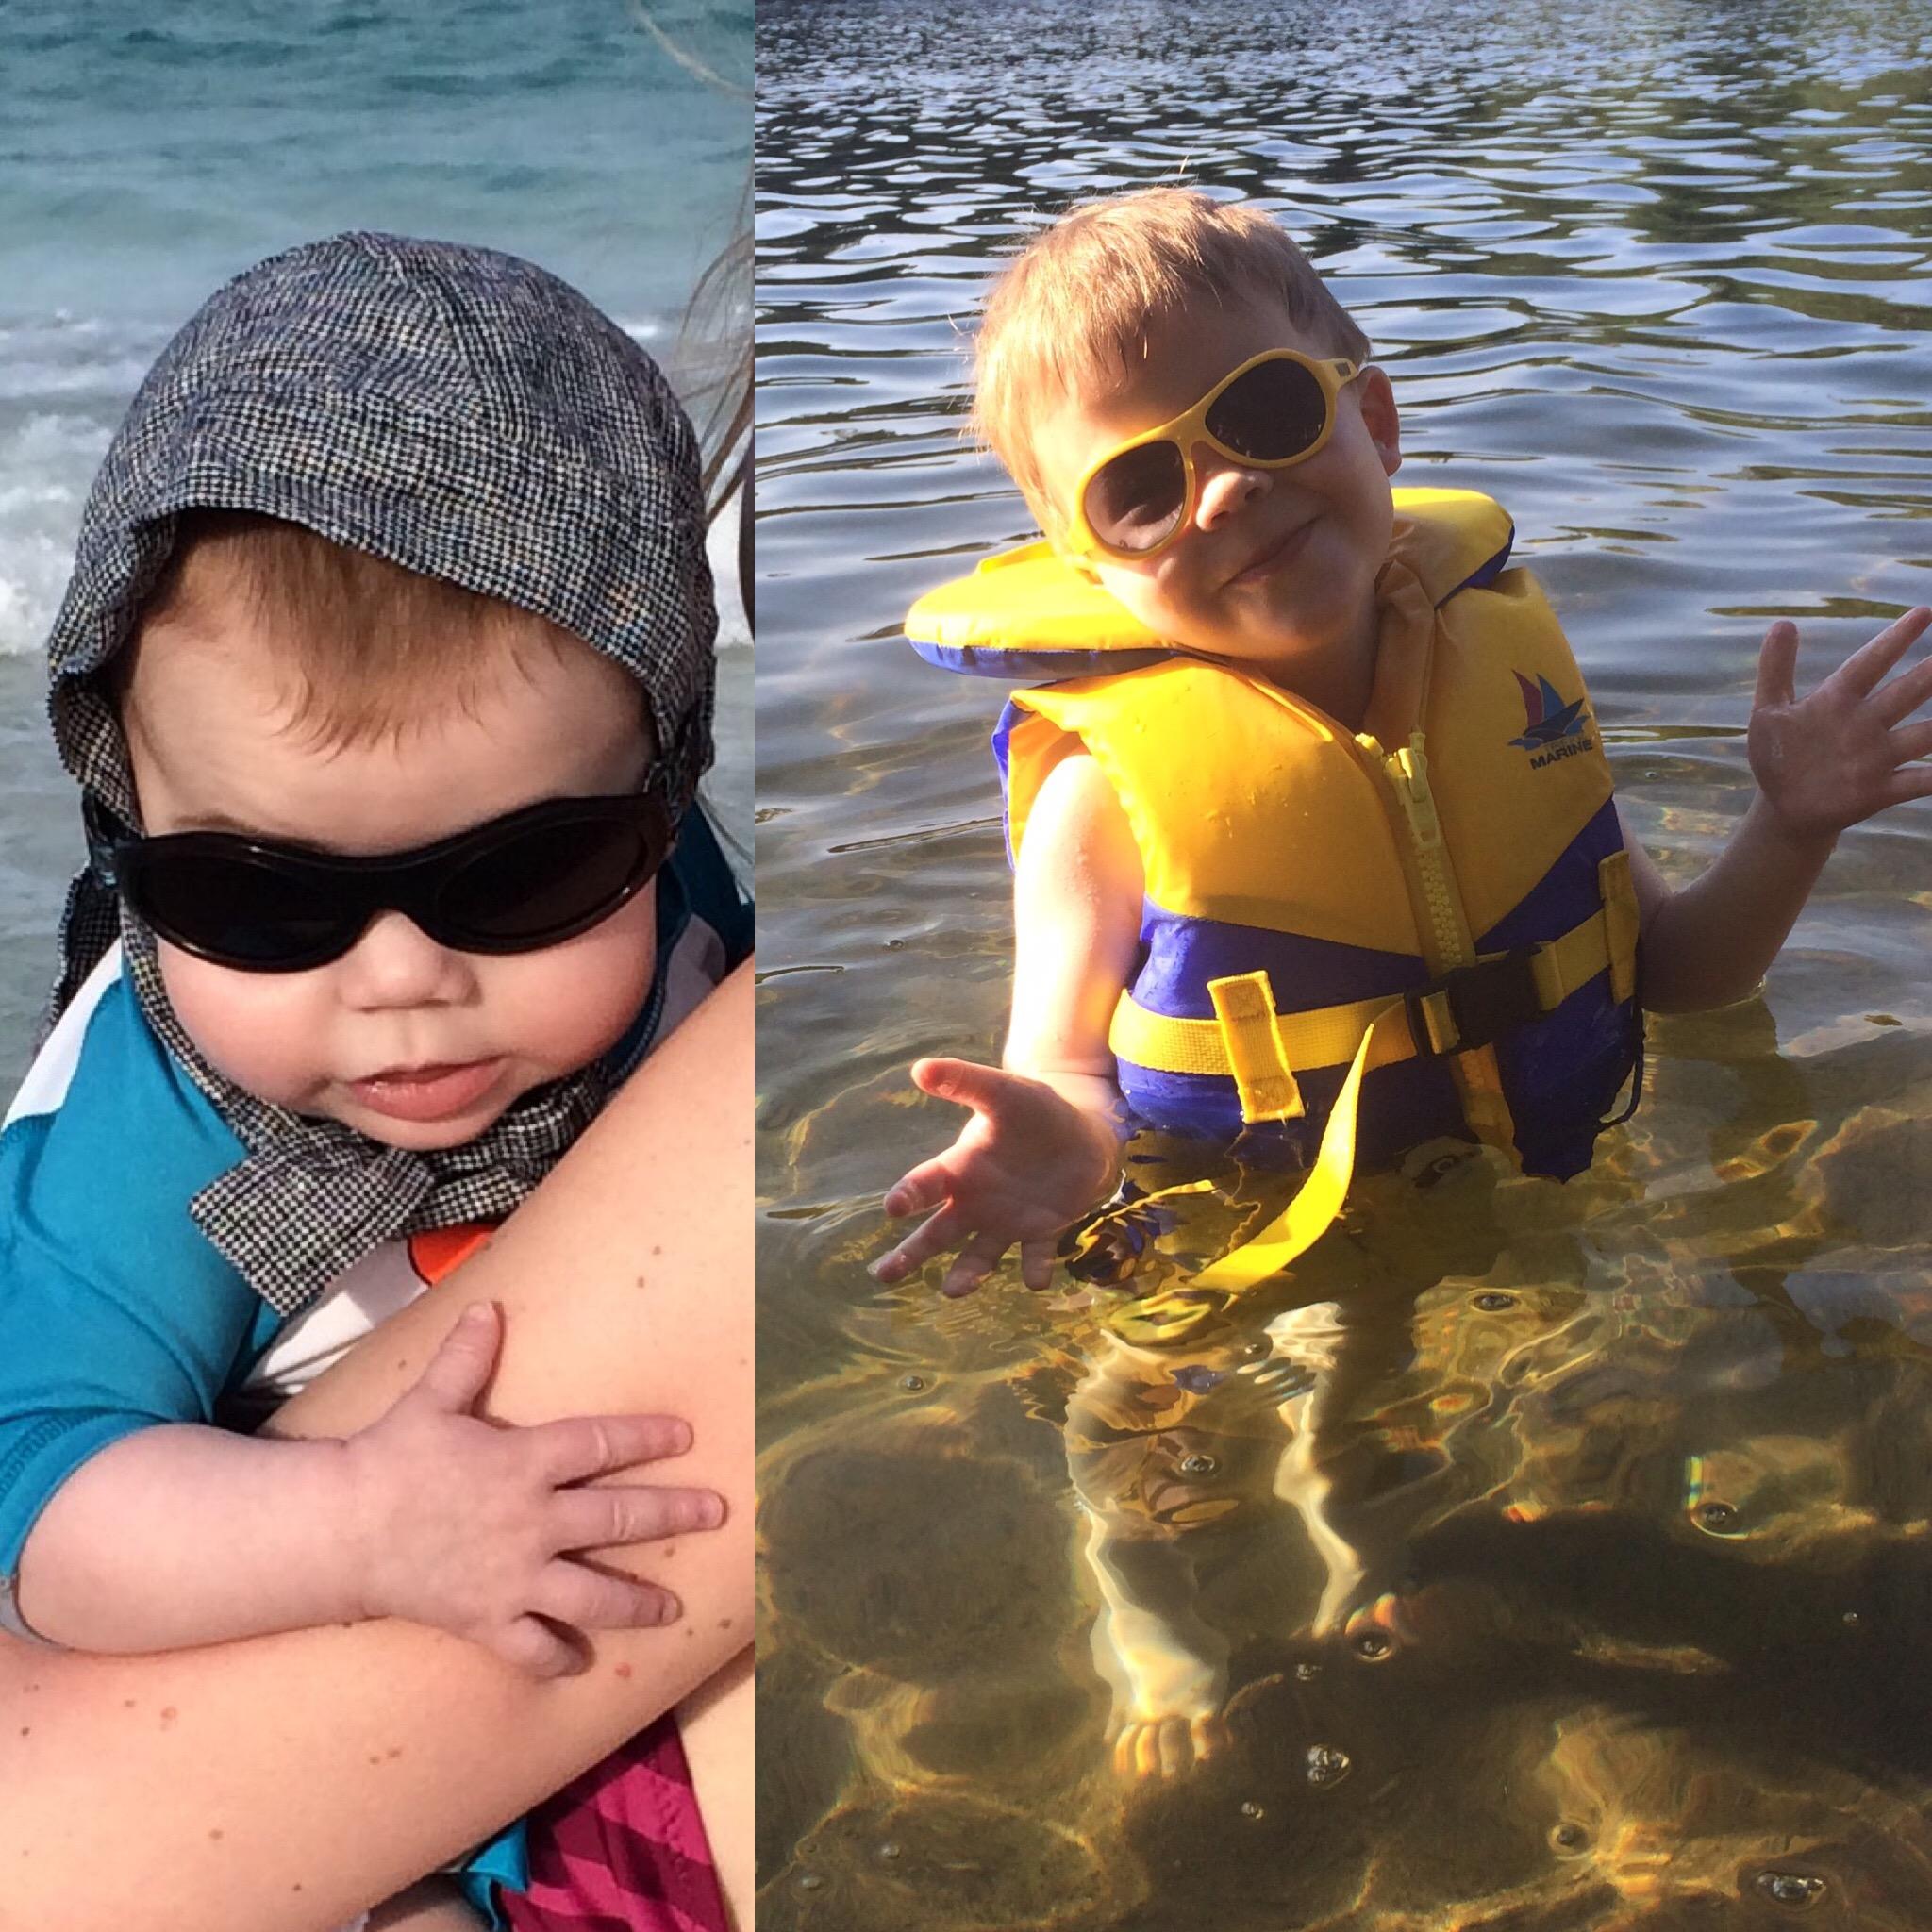 accessoire enfants-bébé garçon-jeune homme-enfants-mode-style-cravates-noeud papillon-lunettes de soleil-unisexe-fillette-fille-Je suis une maman